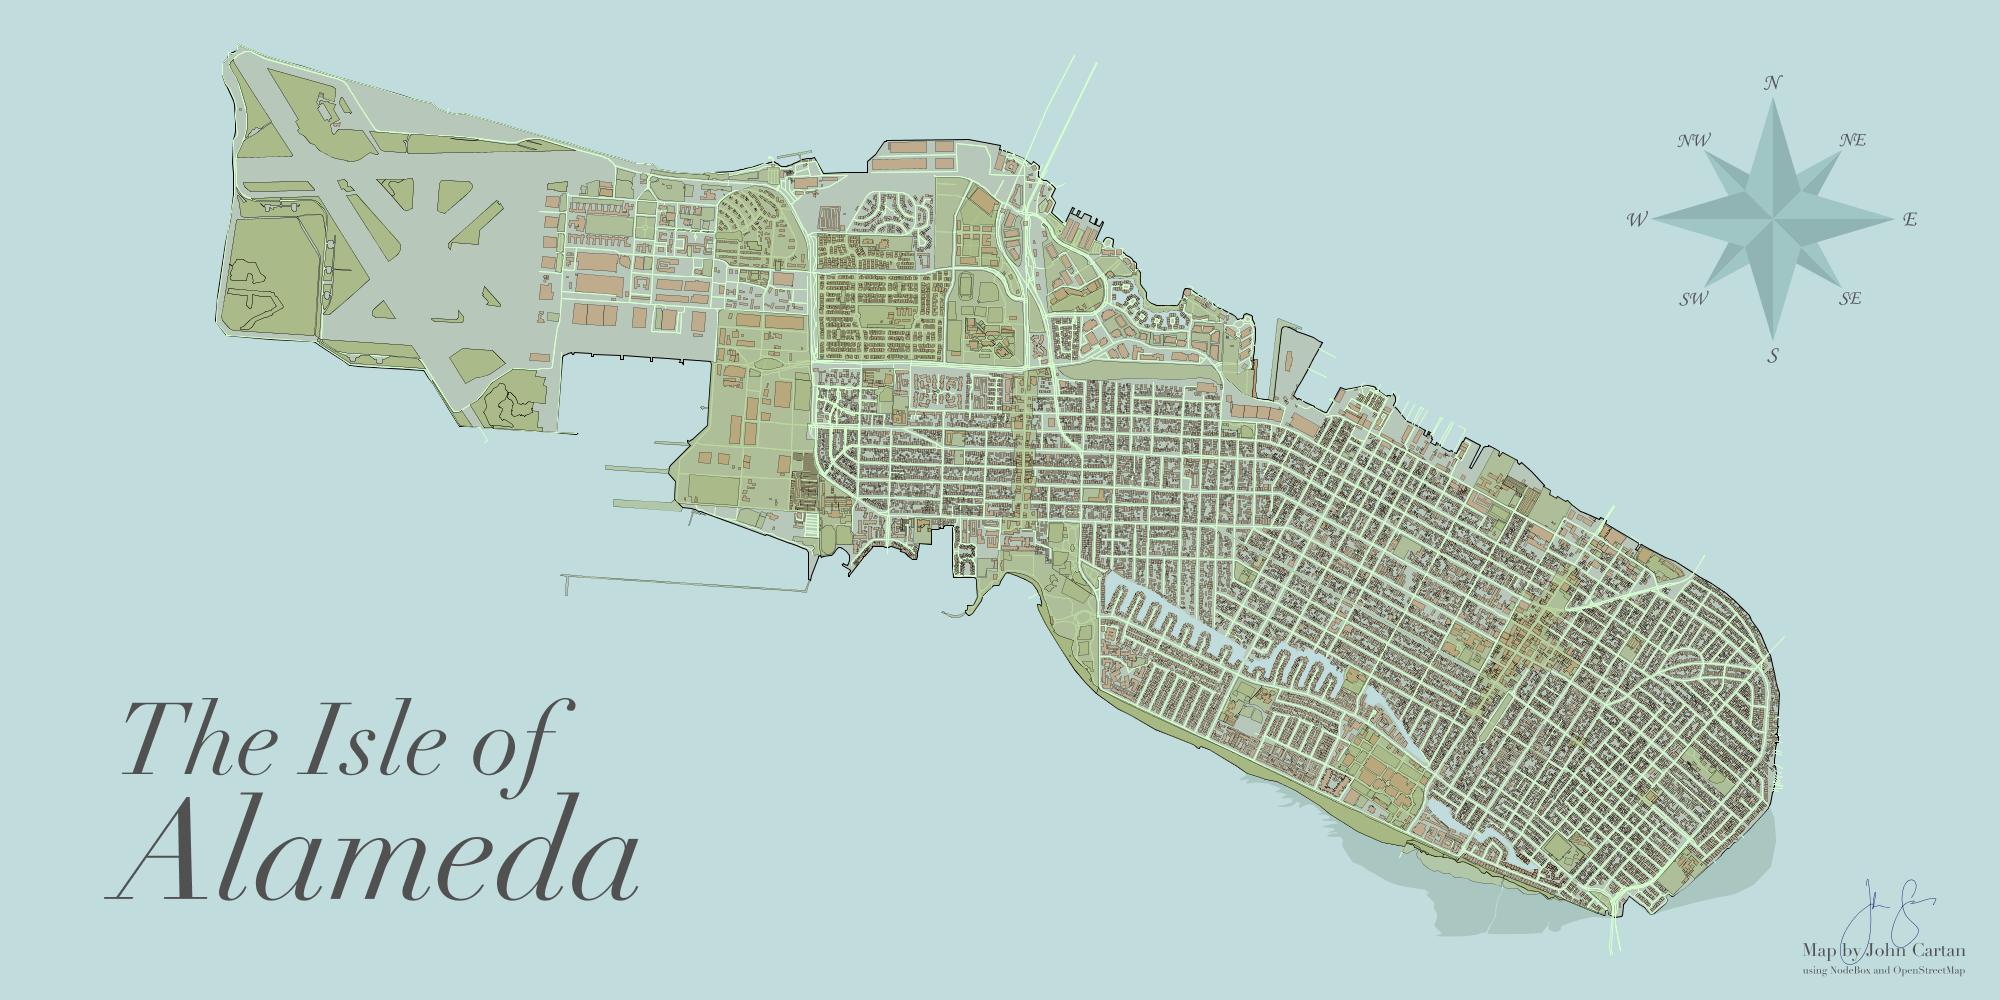 Isle_of_alameda